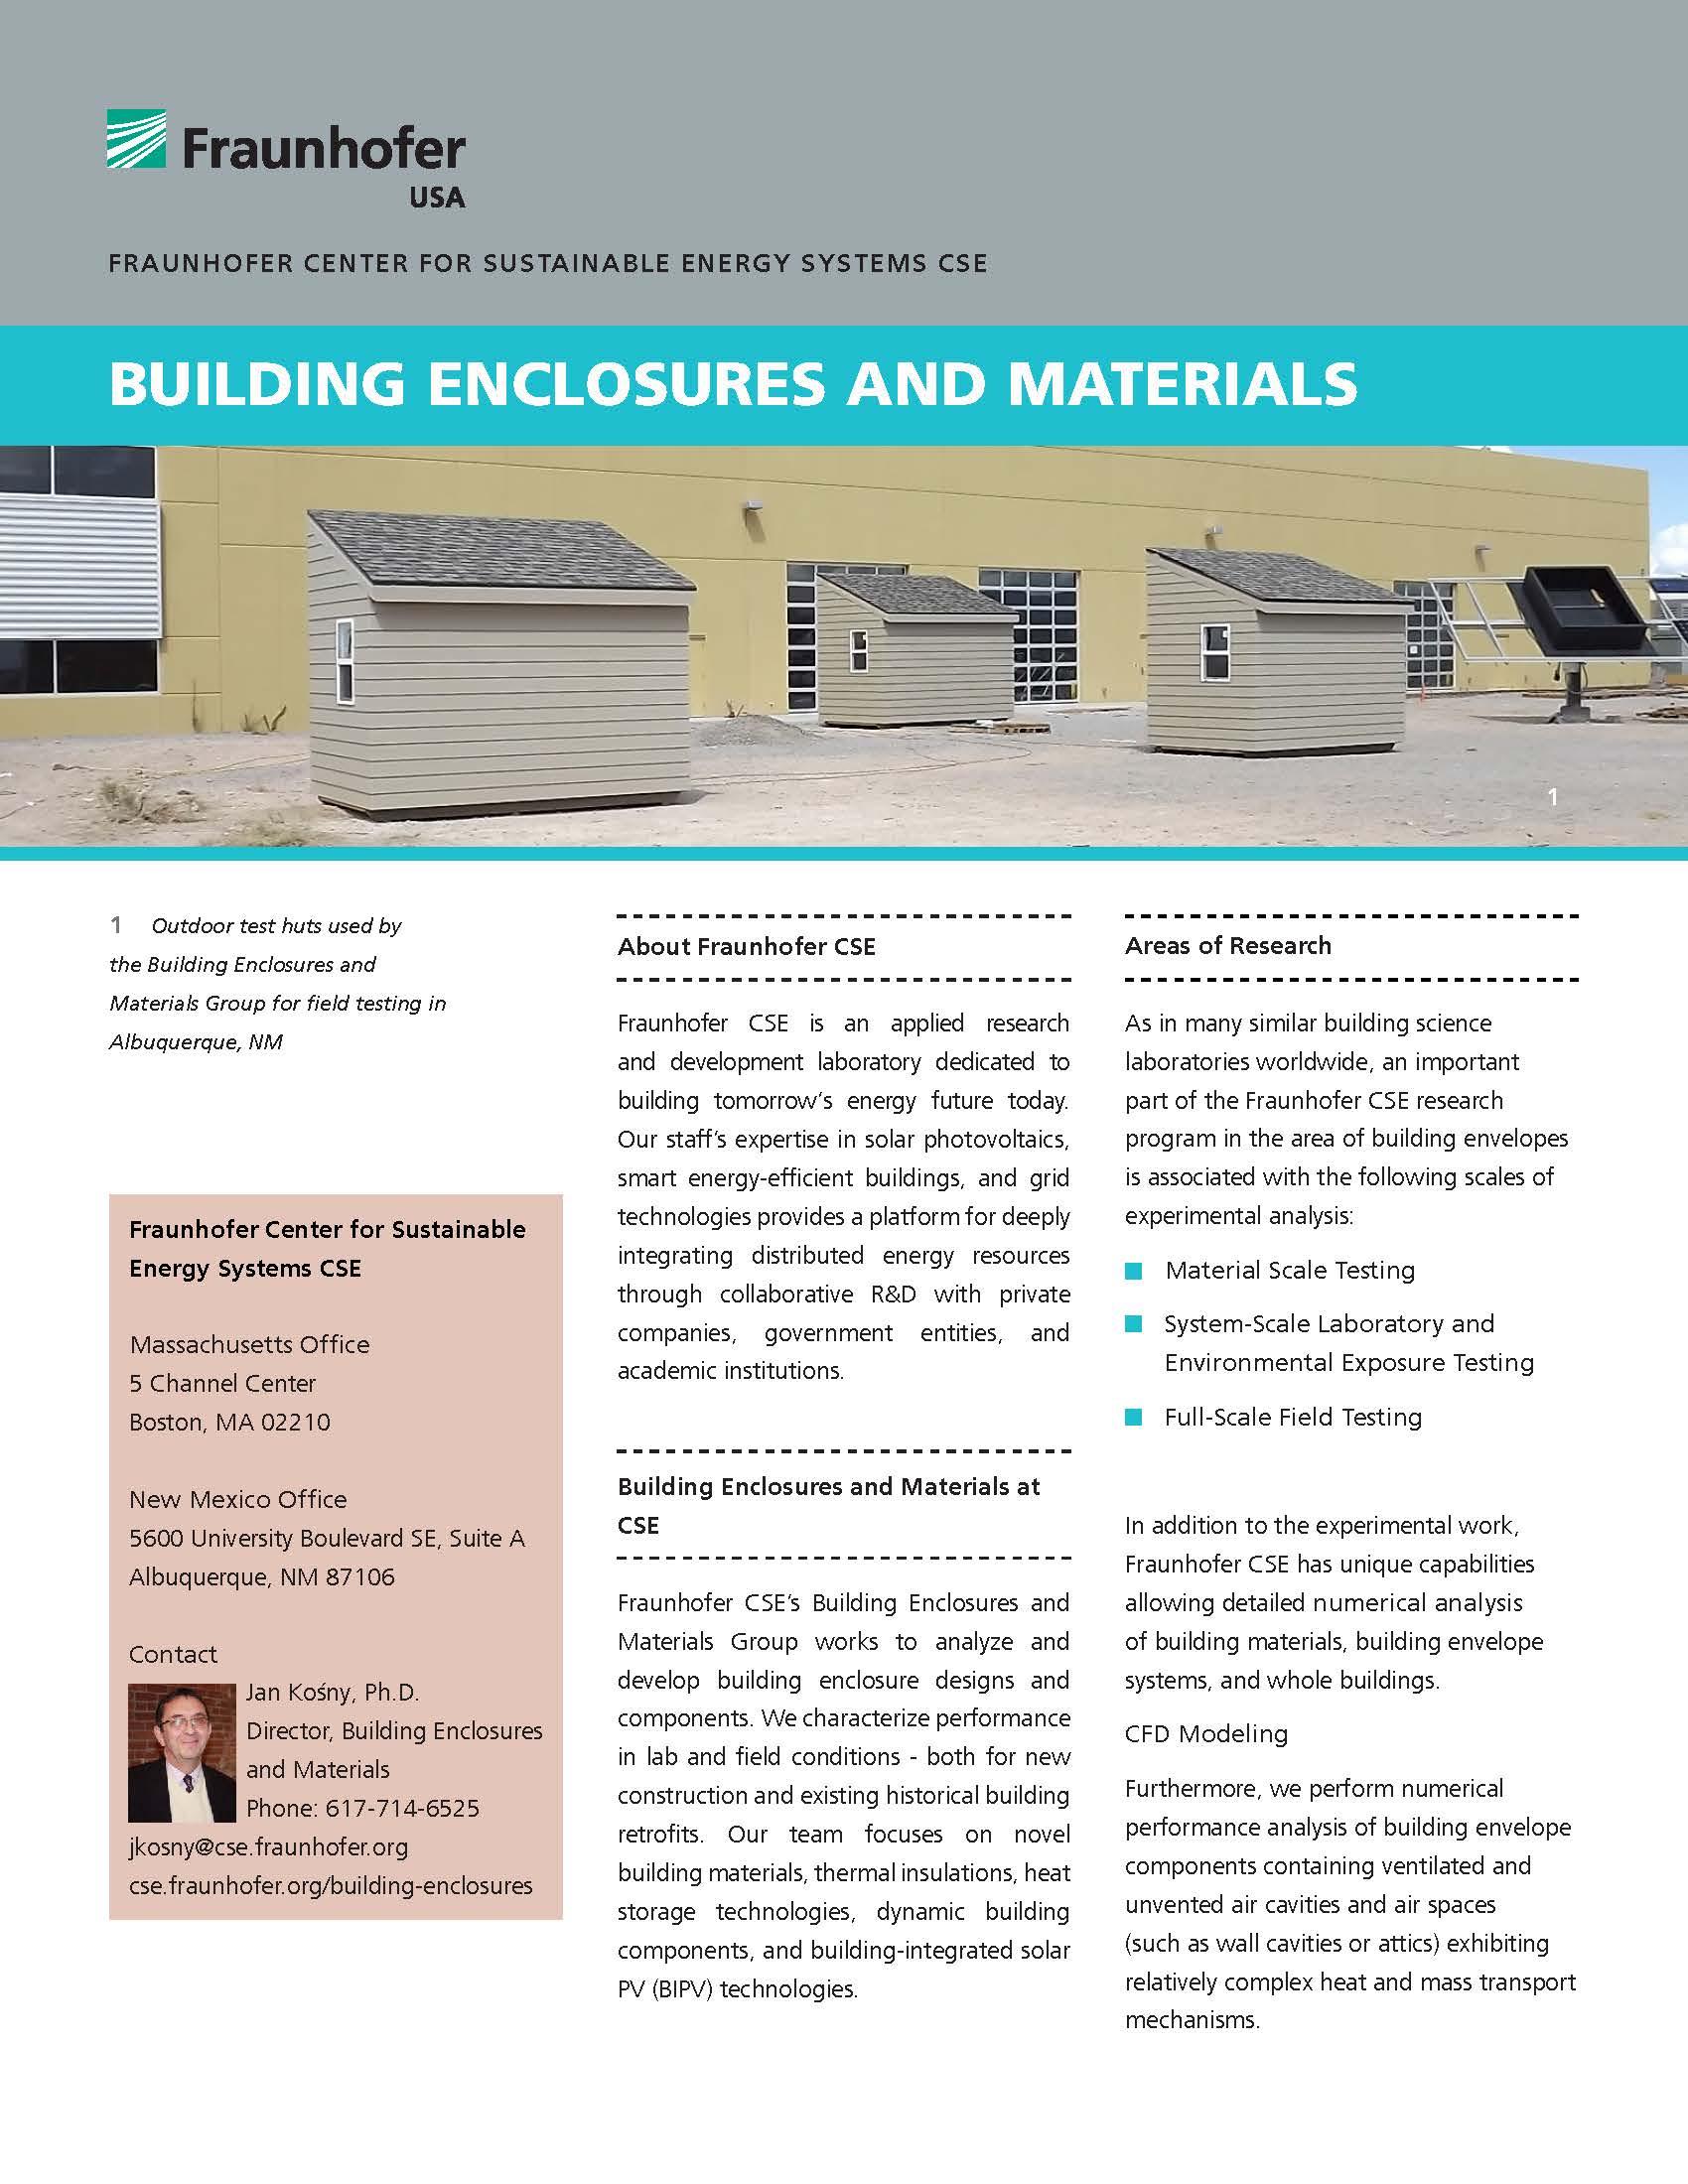 Building Enclosures and Materials